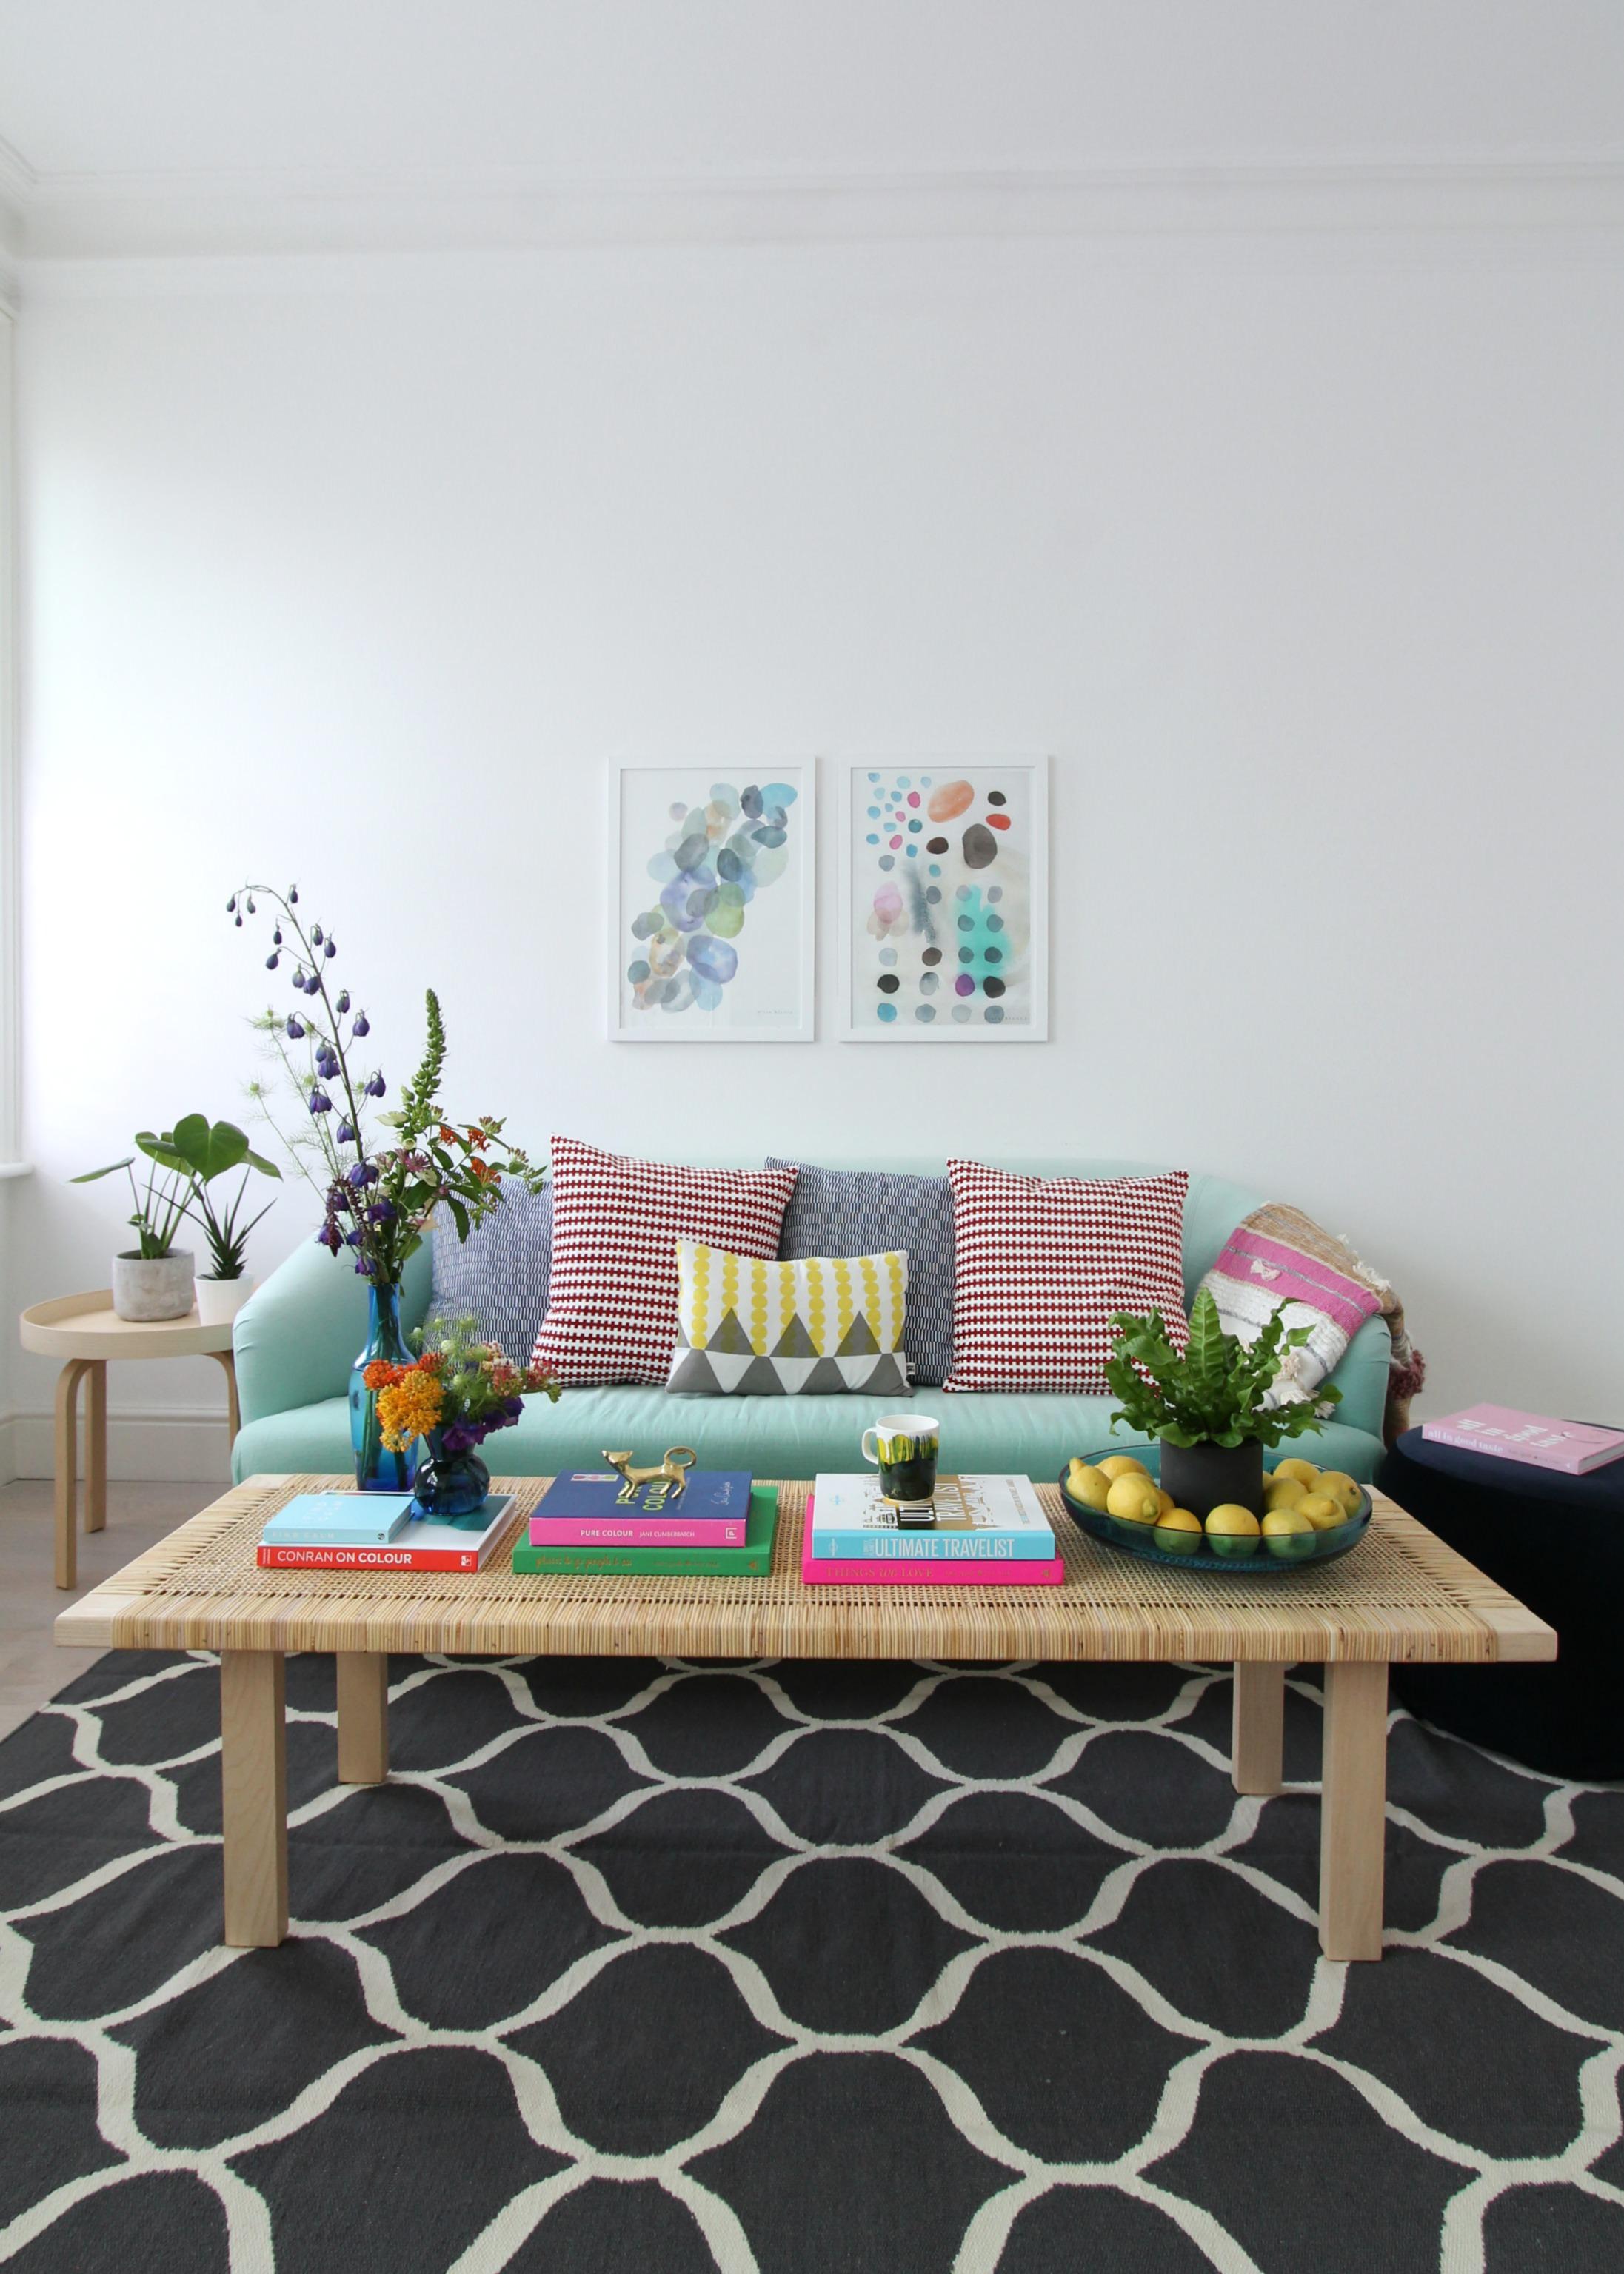 littlebigbell ikea stockholm 2017 archives. Black Bedroom Furniture Sets. Home Design Ideas